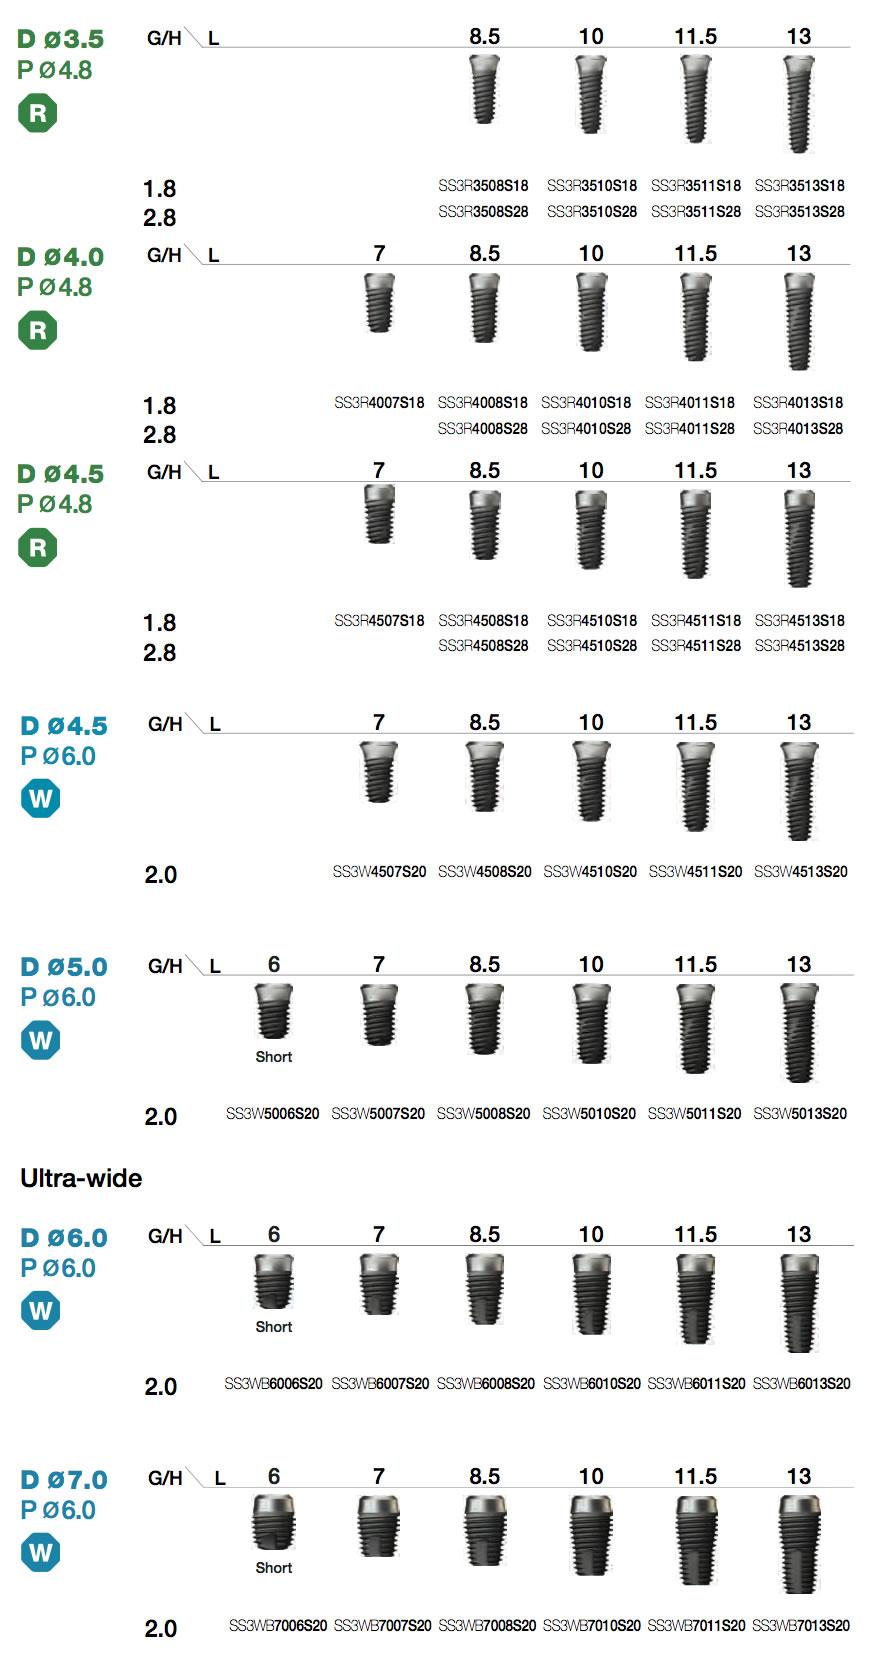 SSIII SA Fixture Implant types